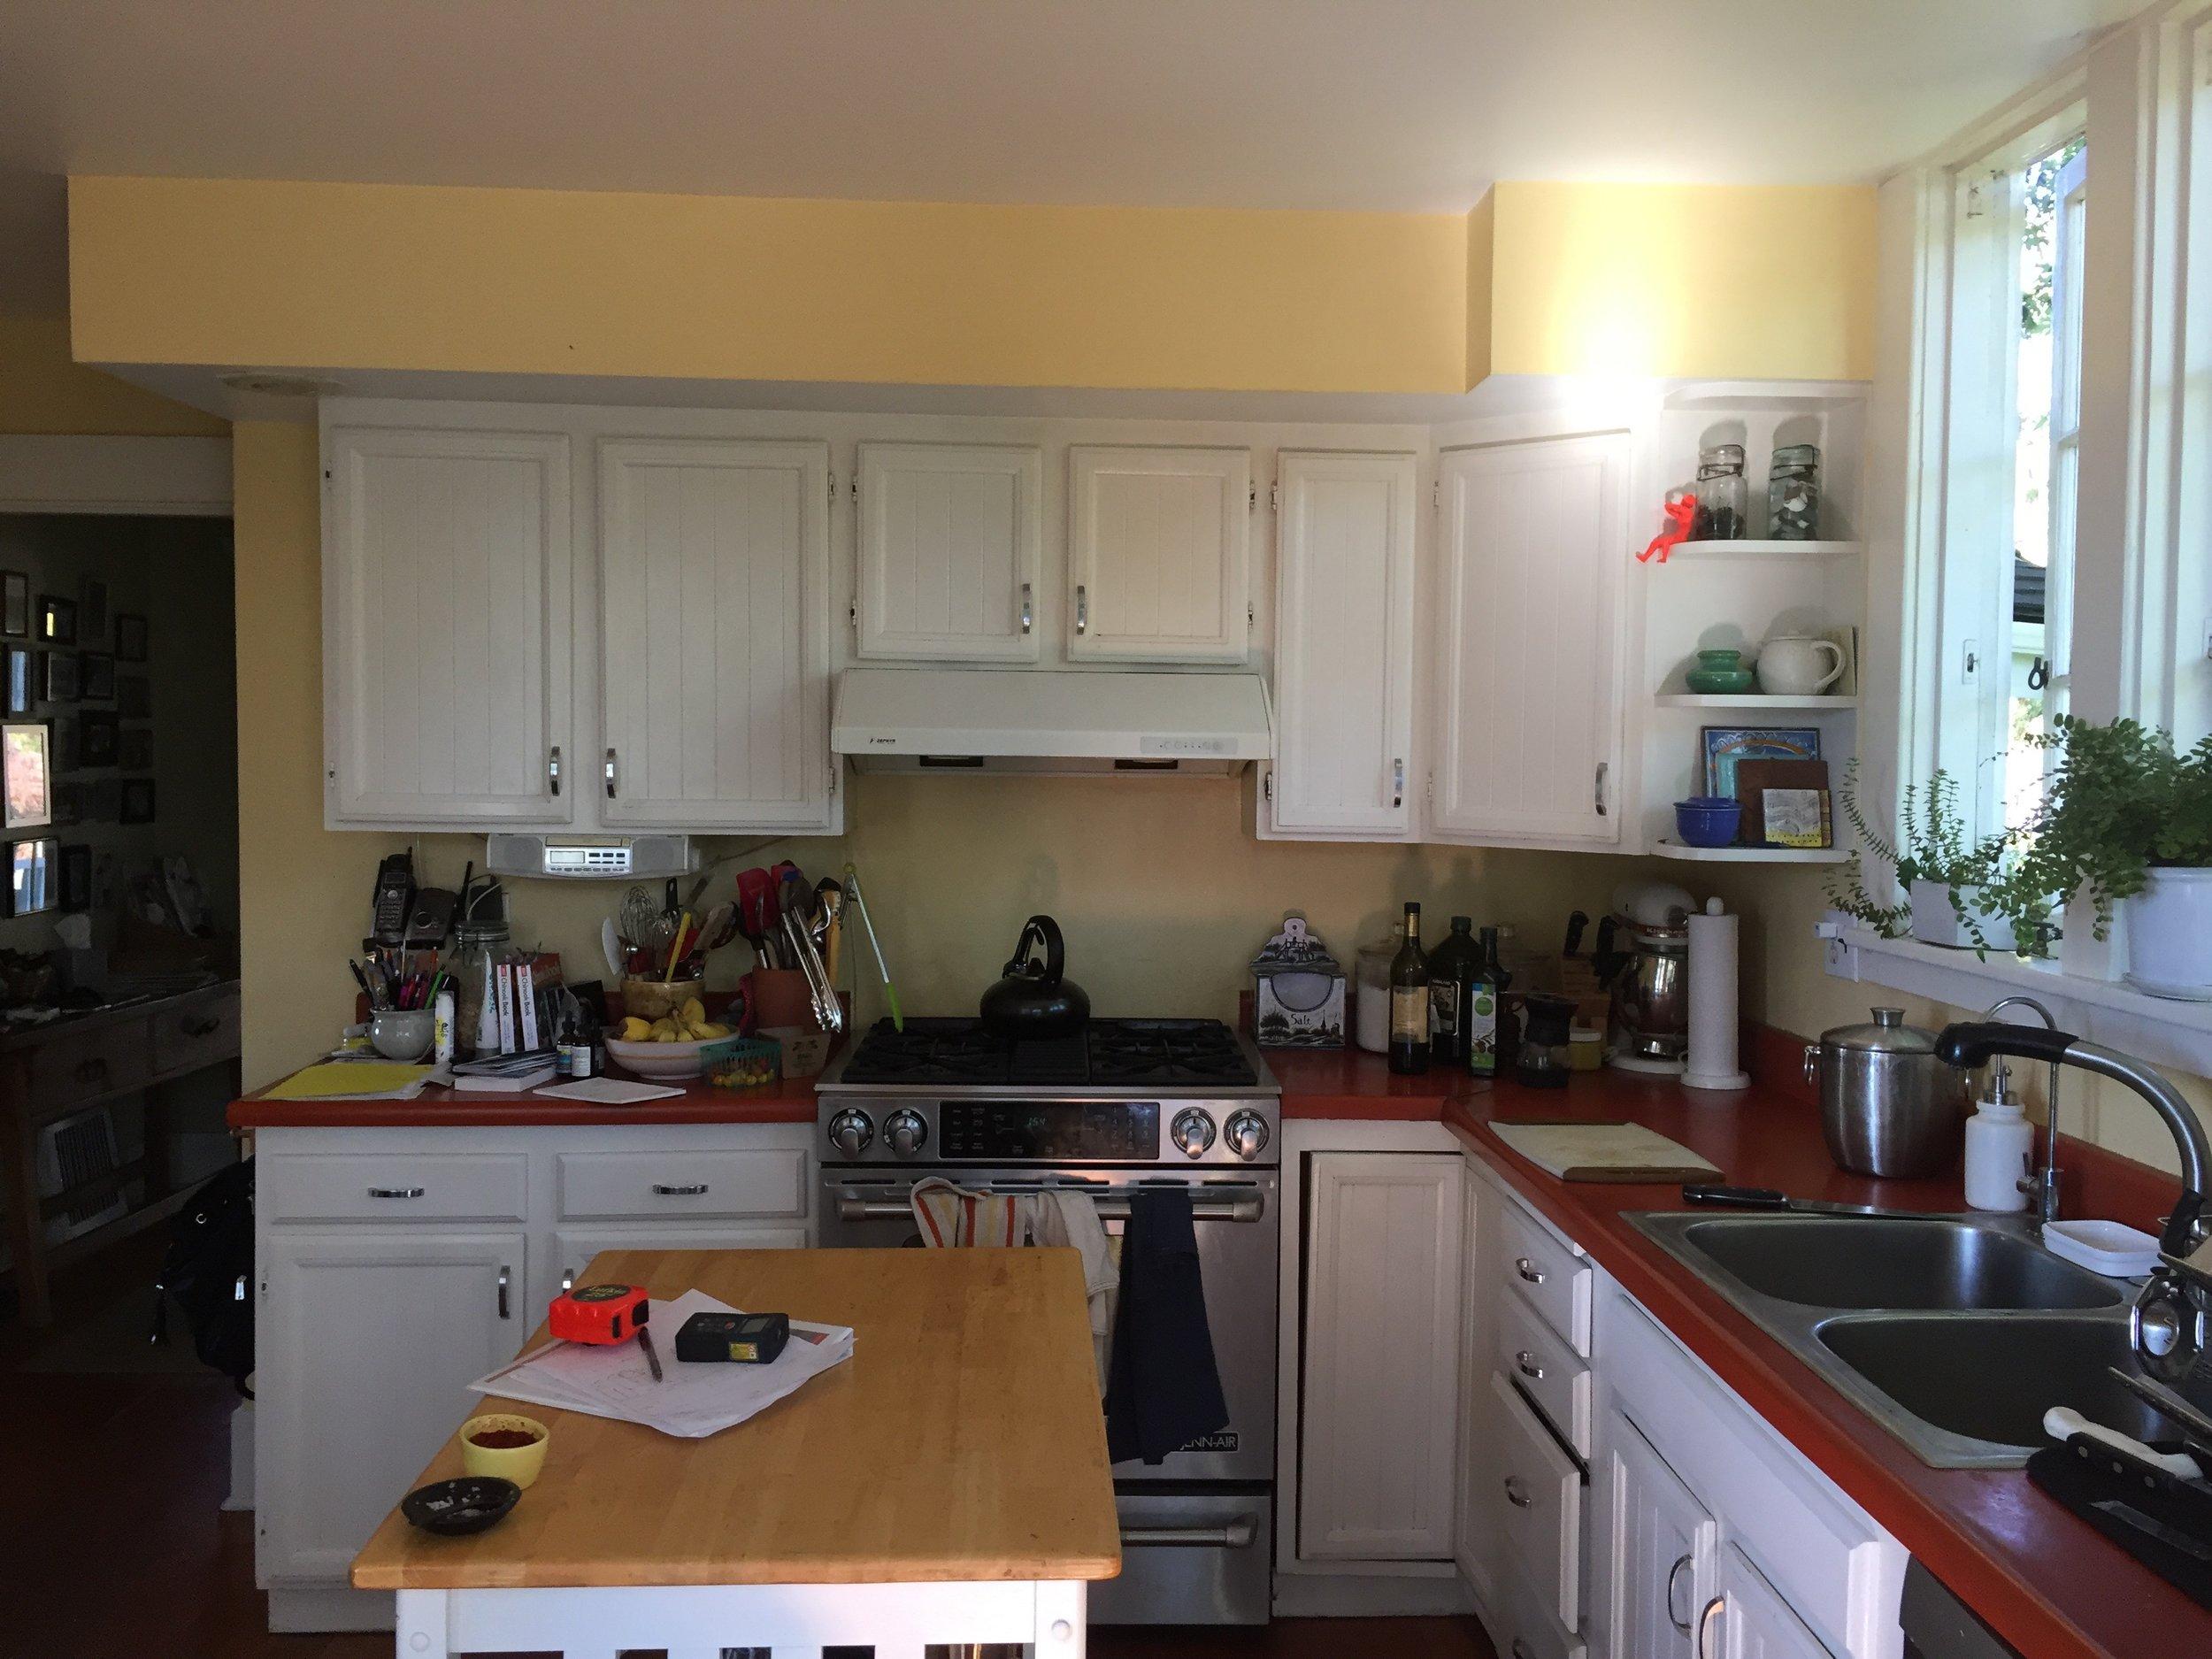 Kitchen_Food_Stylist-Before.jpg